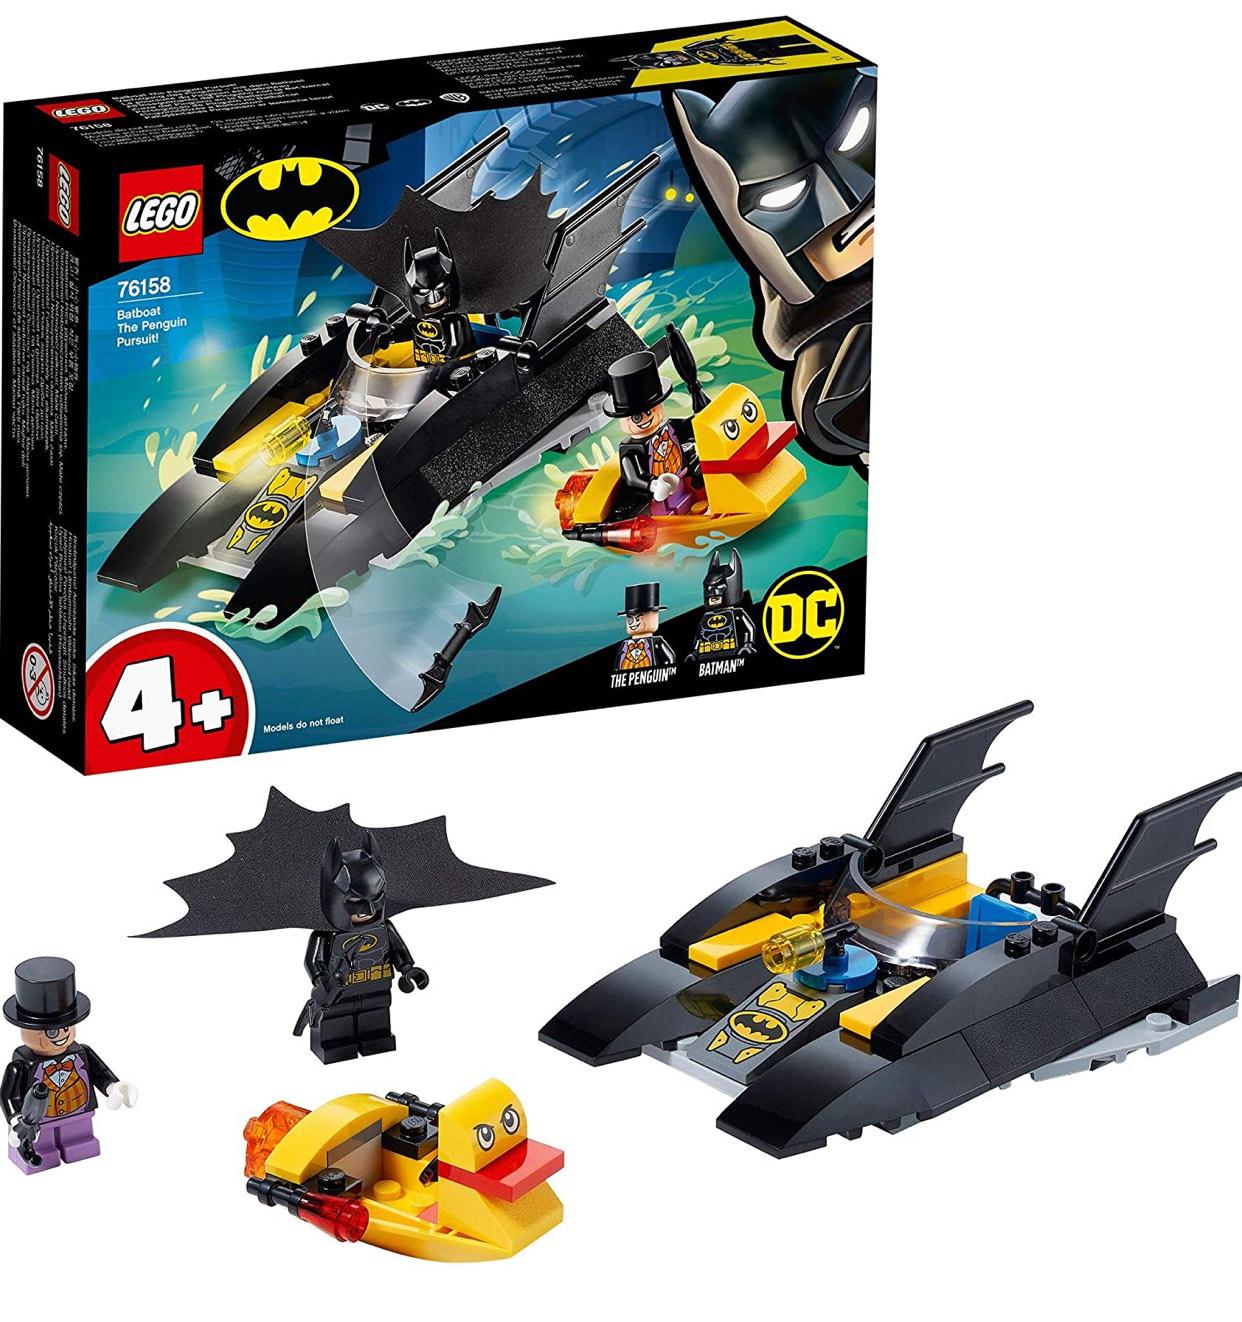 LEGO 76158 DC Batman 4+ Batboat The Penguin Pursuit Toy Boat £6.80 Prime/ £11.29 Non Prime at Amazon EU